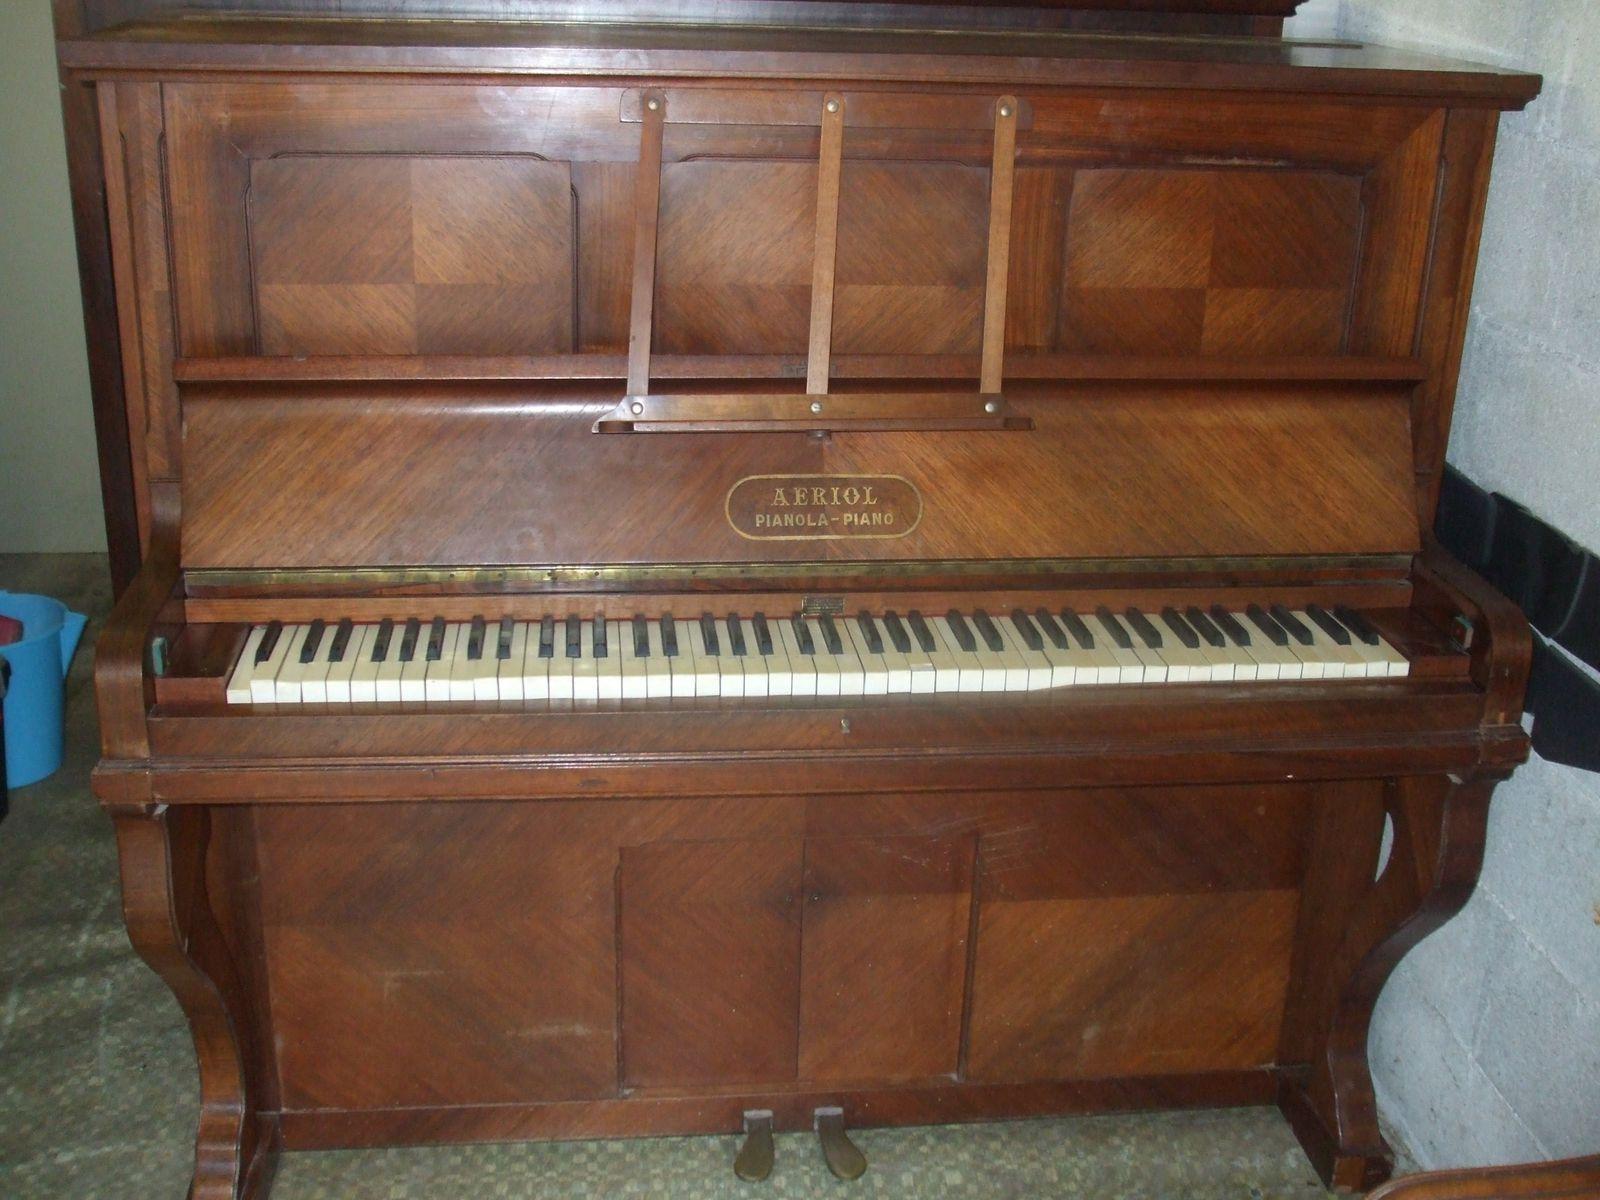 Pianos droits style ancien en vente l 39 atelier de musique - Marque de piano francais ...